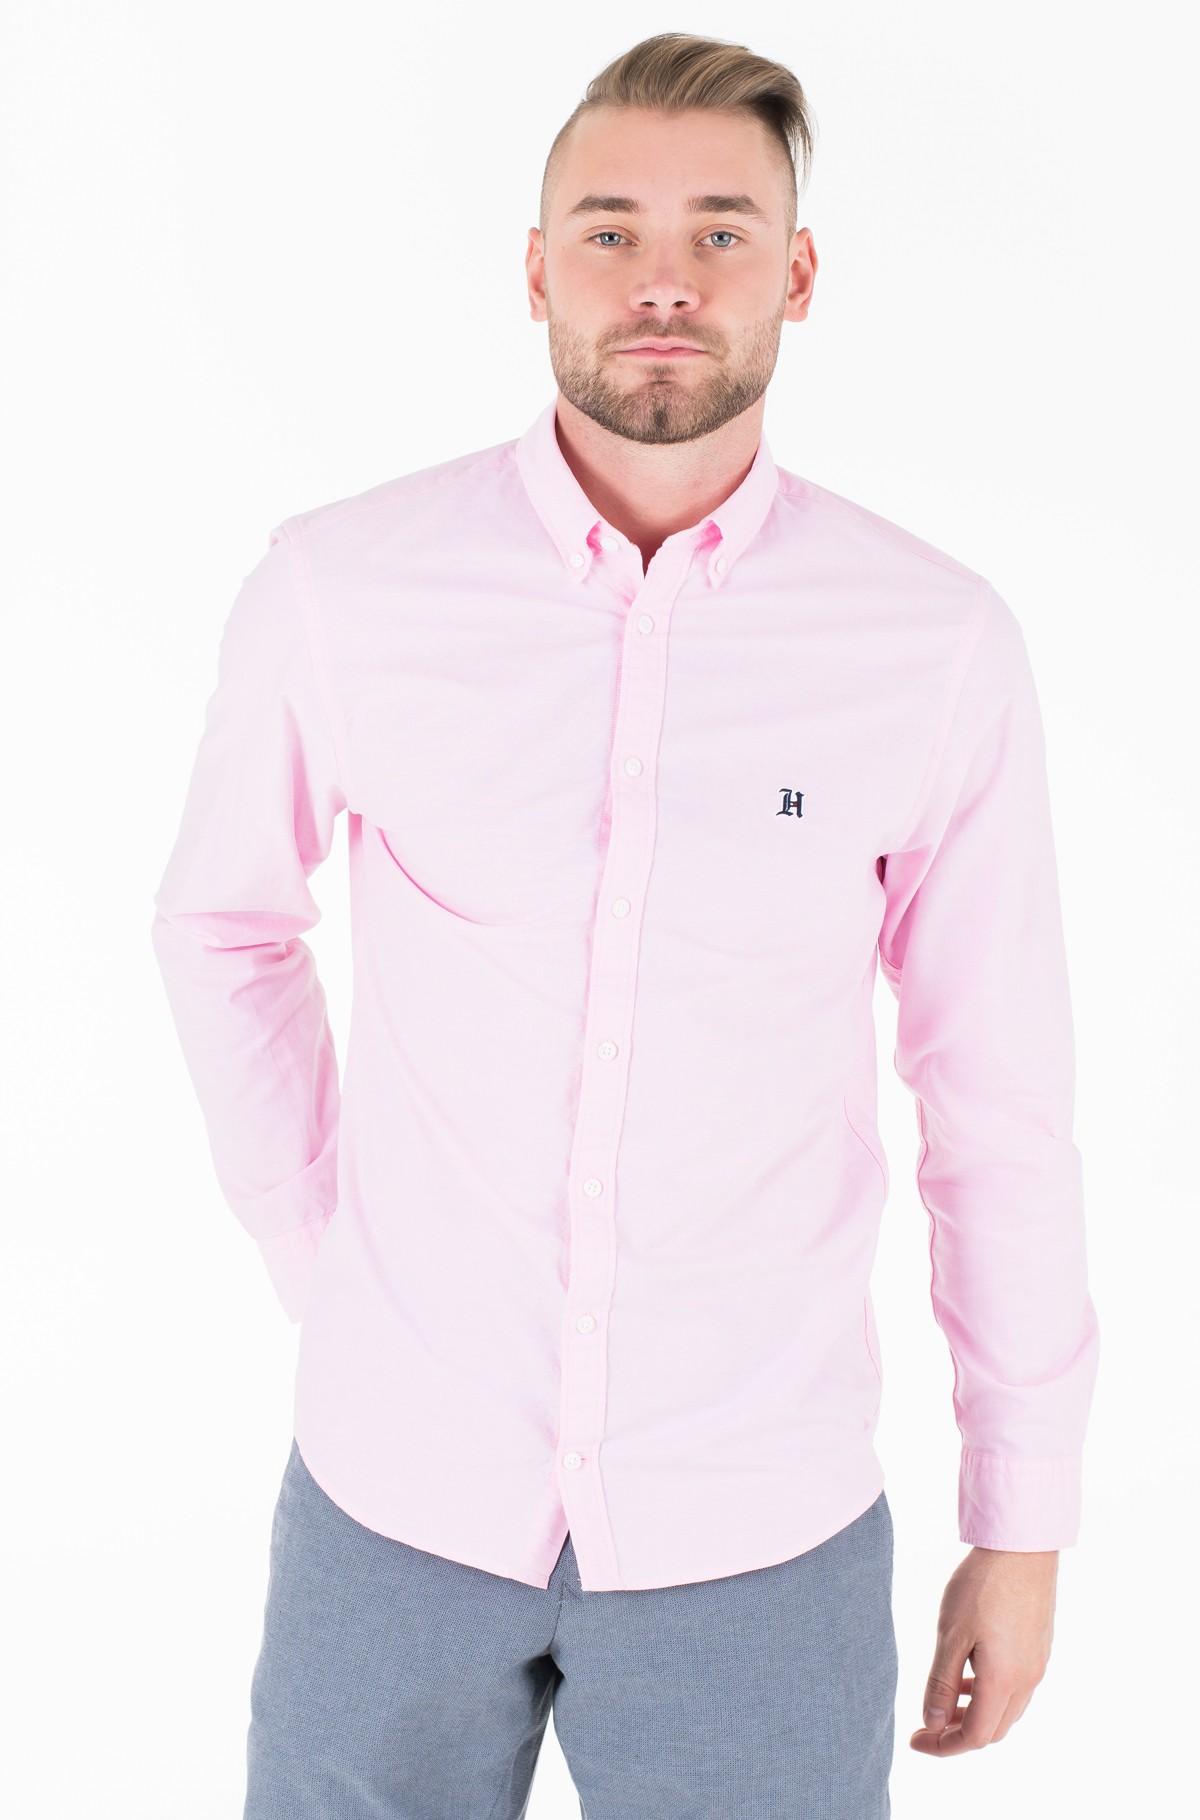 Marškiniai LH ICON OXFORD SHIRT-full-1